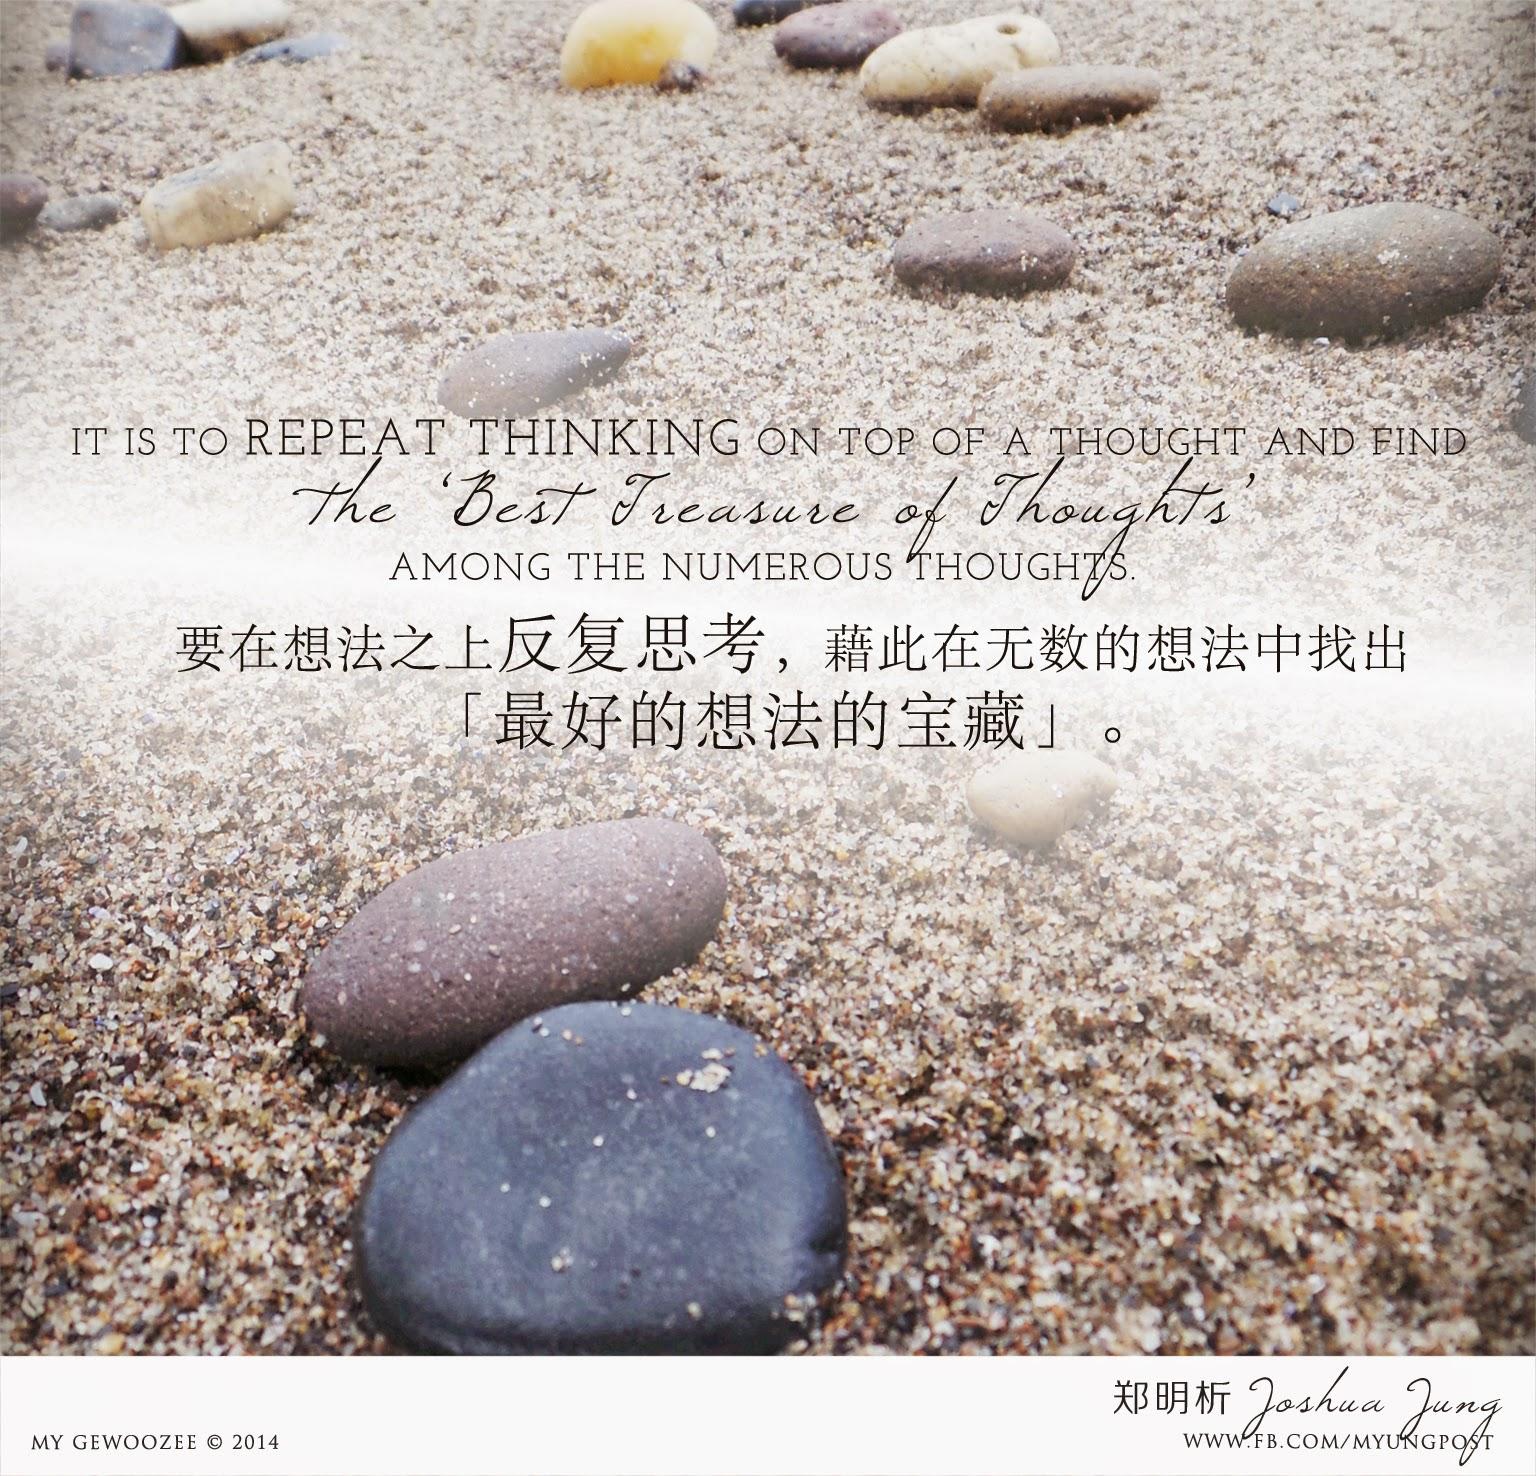 郑明析,摄理,月明洞,石头,沙,思考,想法,宝藏,Joshua Jung, Providence, Wolmyeong Dong, rock, sand, thoughts, treasure